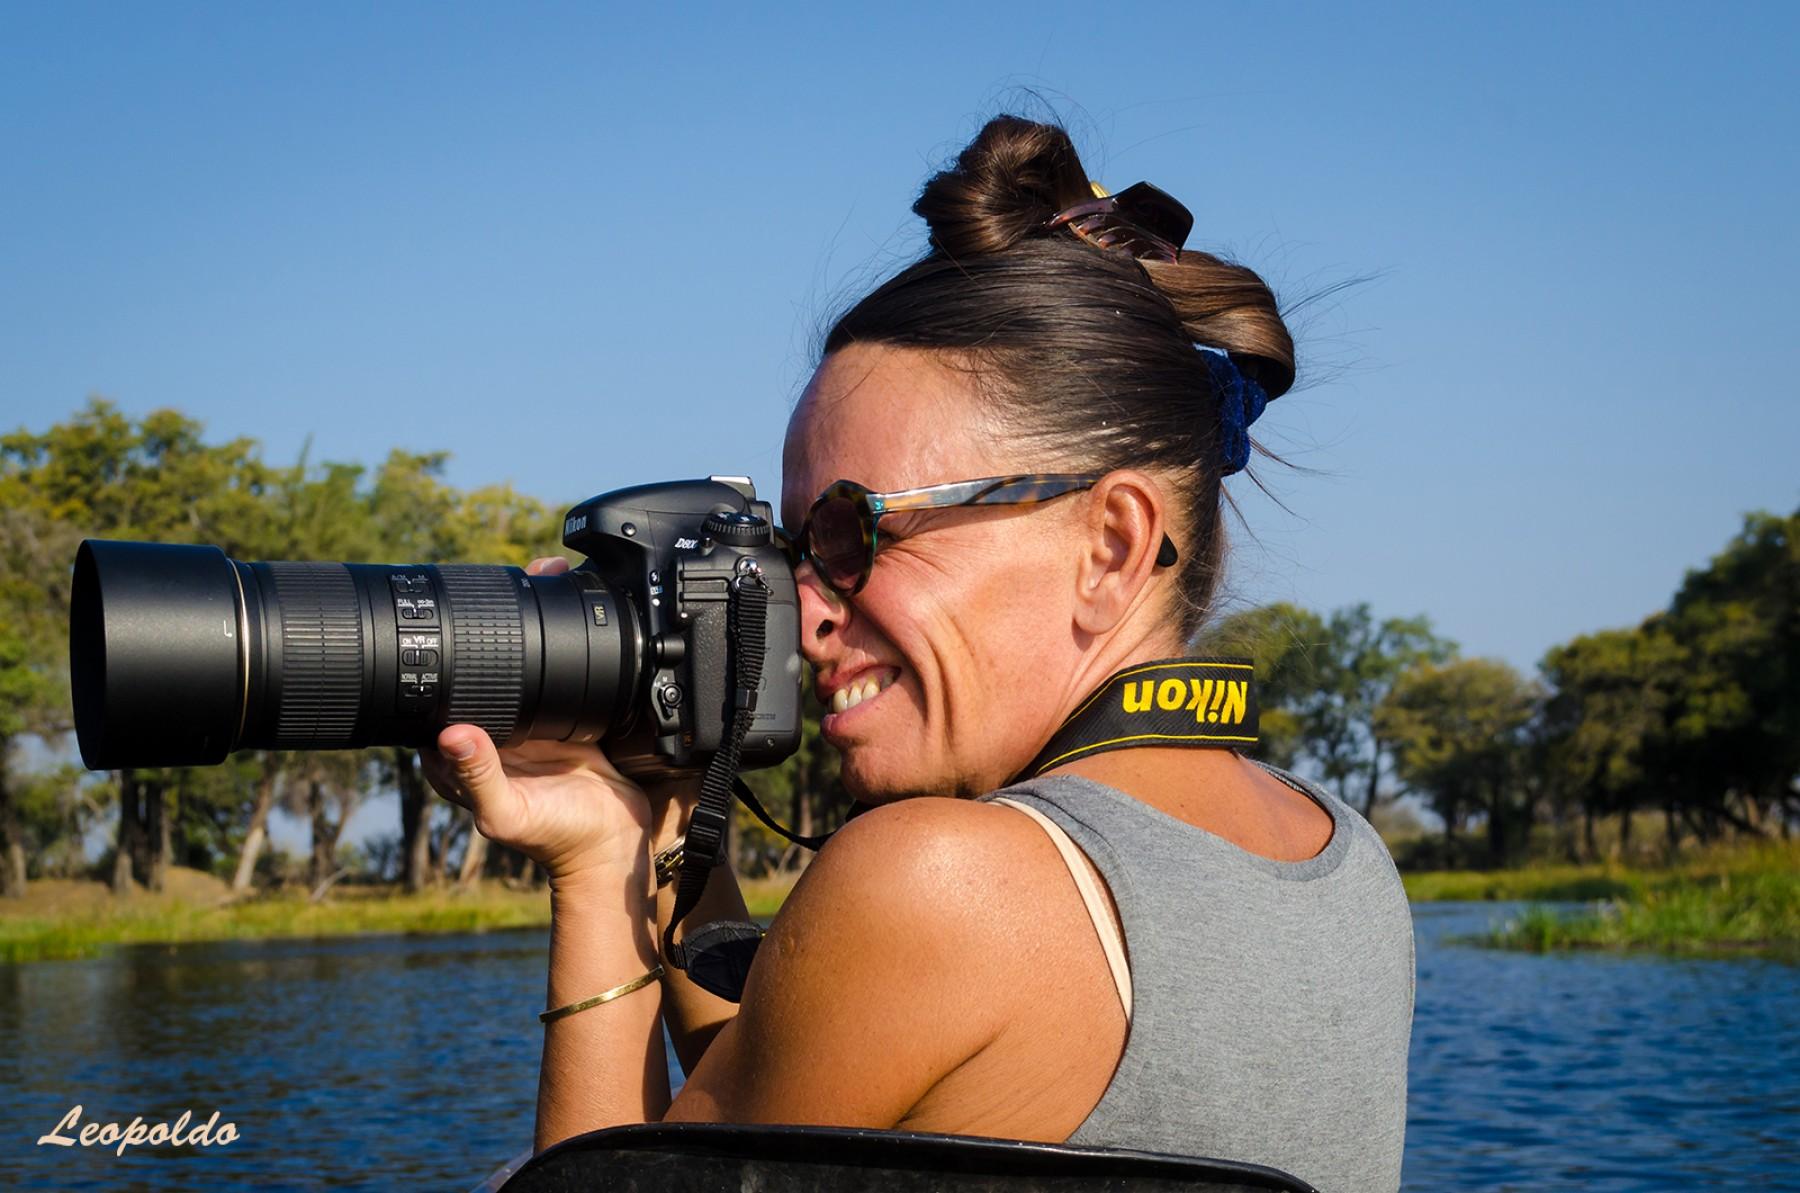 Adriana Oberto Photography